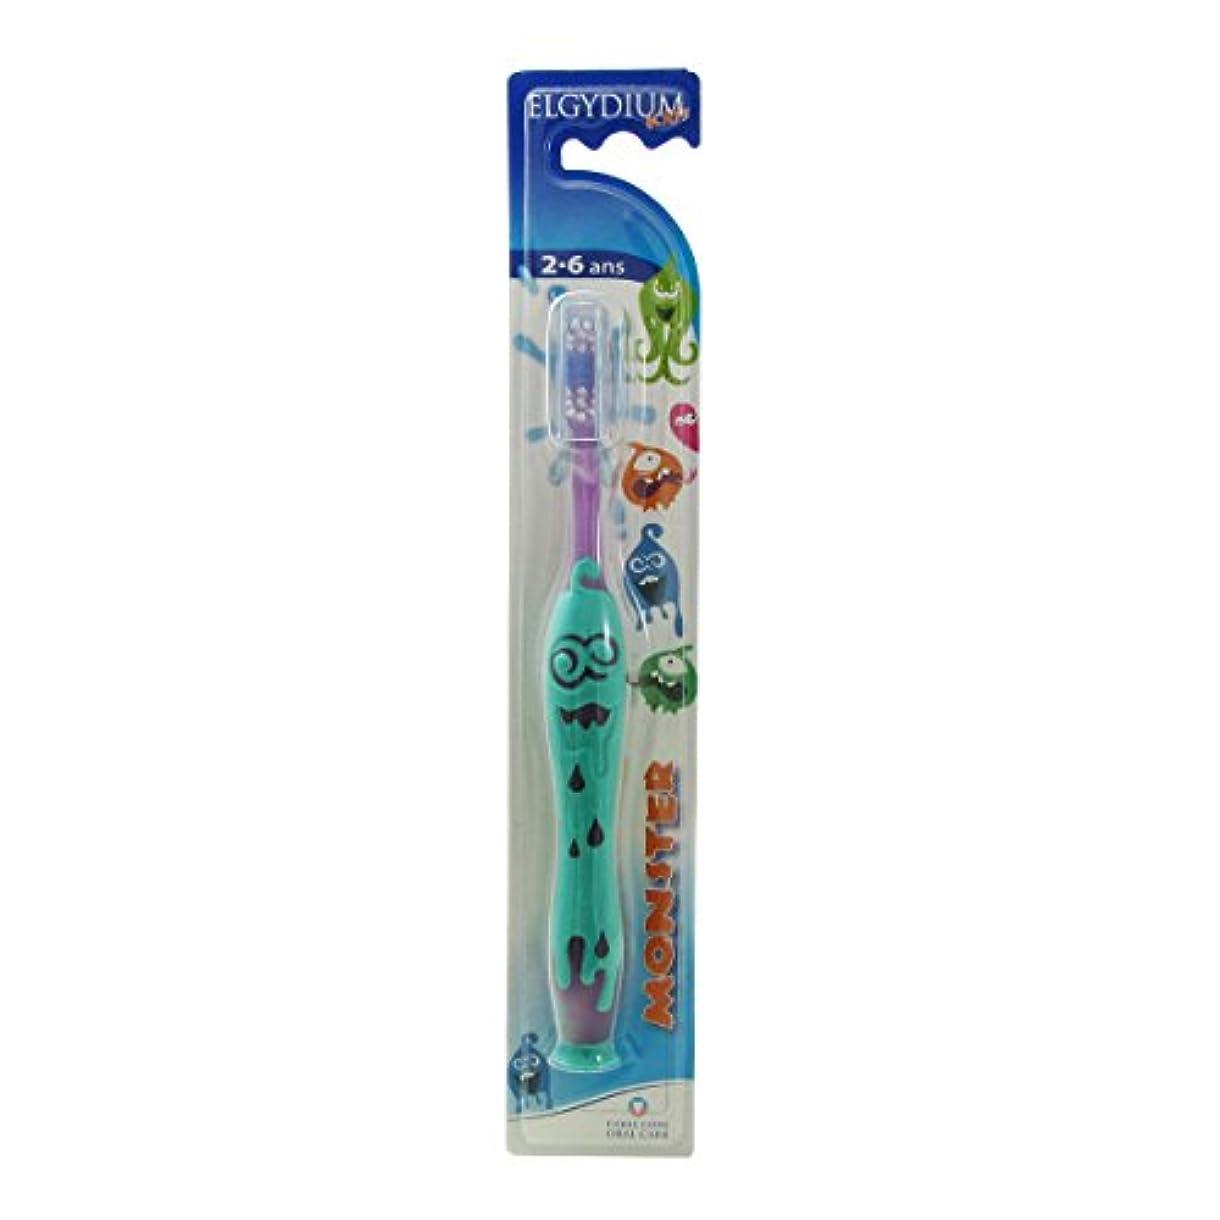 遺体安置所無能パケットElgydium Kids Monster 2/6 Soft Toothbrush [並行輸入品]